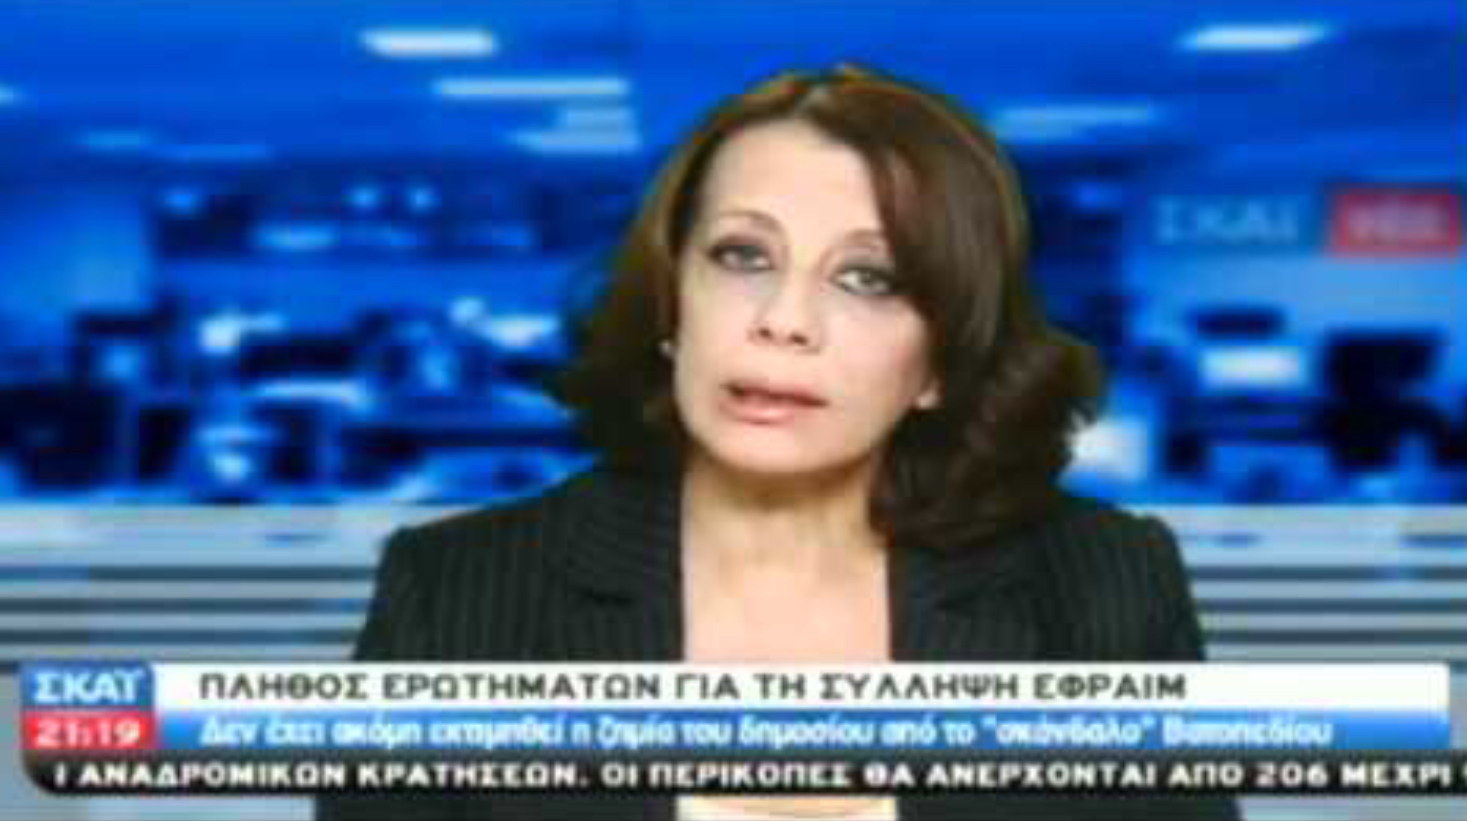 Οταν η Ακριβοπούλου ΕΣΩΖΕ ΤΗΝ ΤΙΜΗ της δημοσιογράφιας κάποιοι κατάπιναν τα Fake News των ΜΜΕ για να μην τους αποκλείσουν από τα πάνελ. Το 'χουμε αυτό;